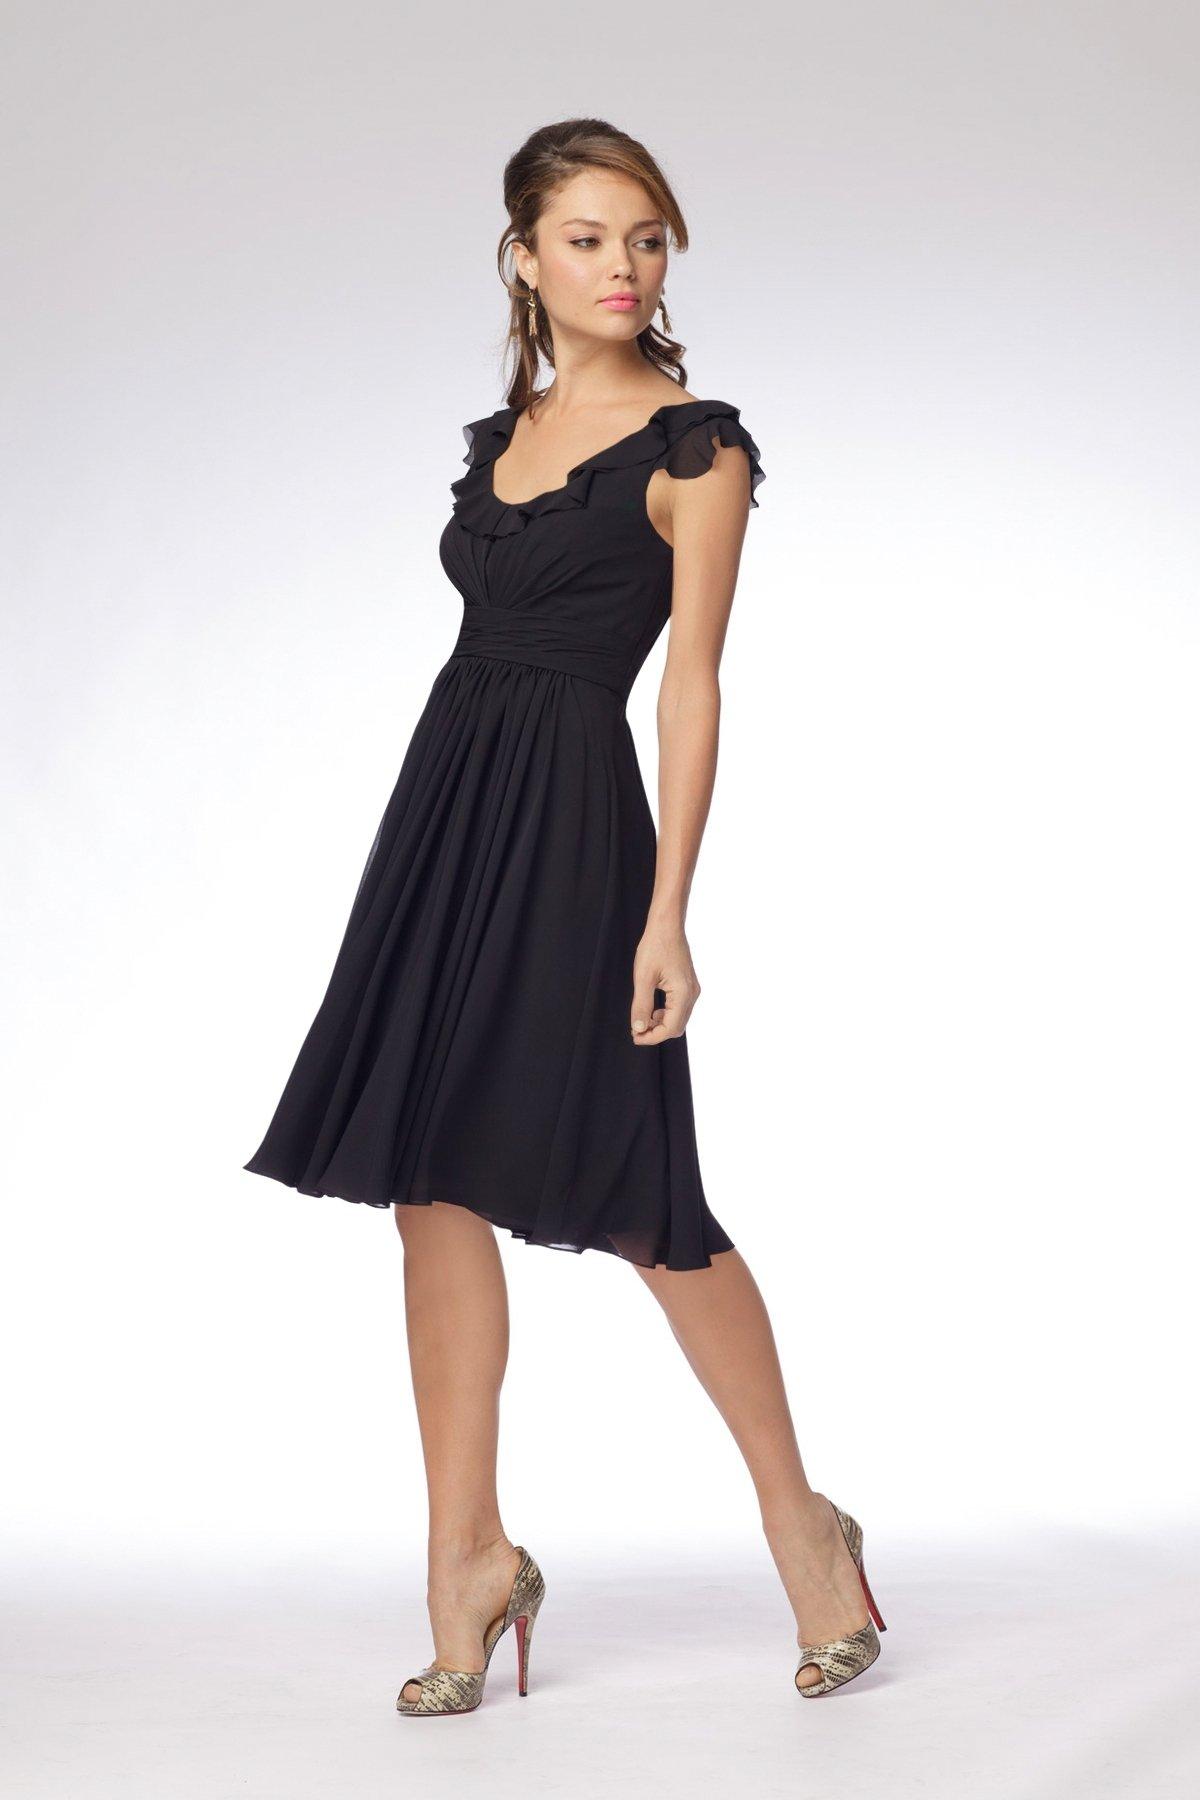 Accesorios para vestidos de fiesta color negro